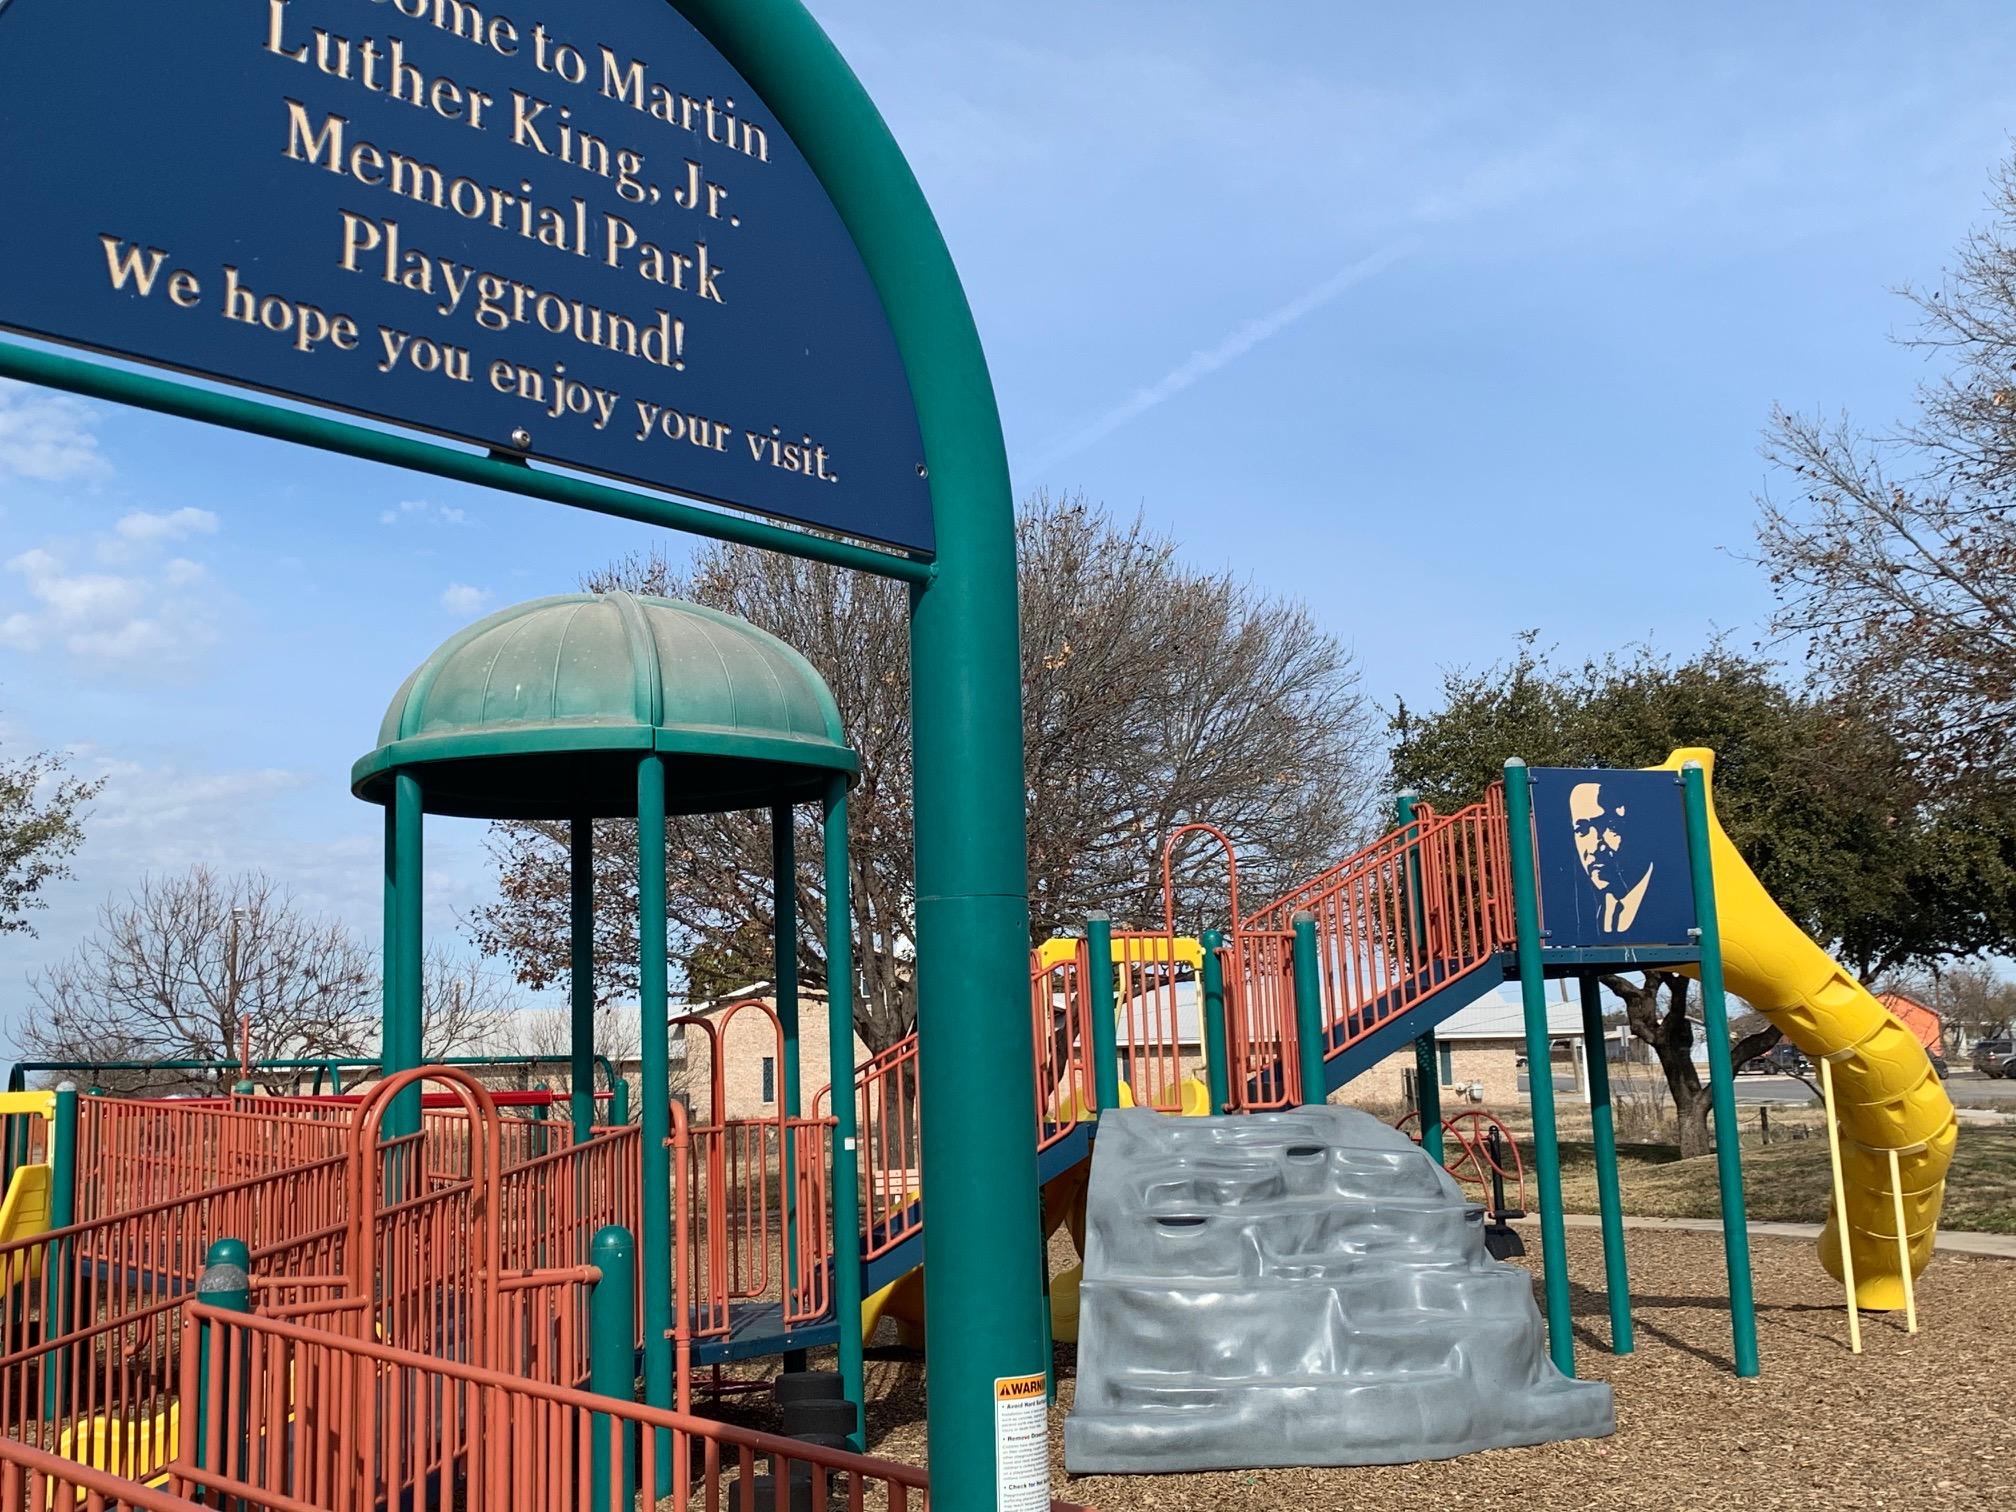 Martin Luther King Jr. Memorial Park (SA LIVE! Photo/Matt Trammell)